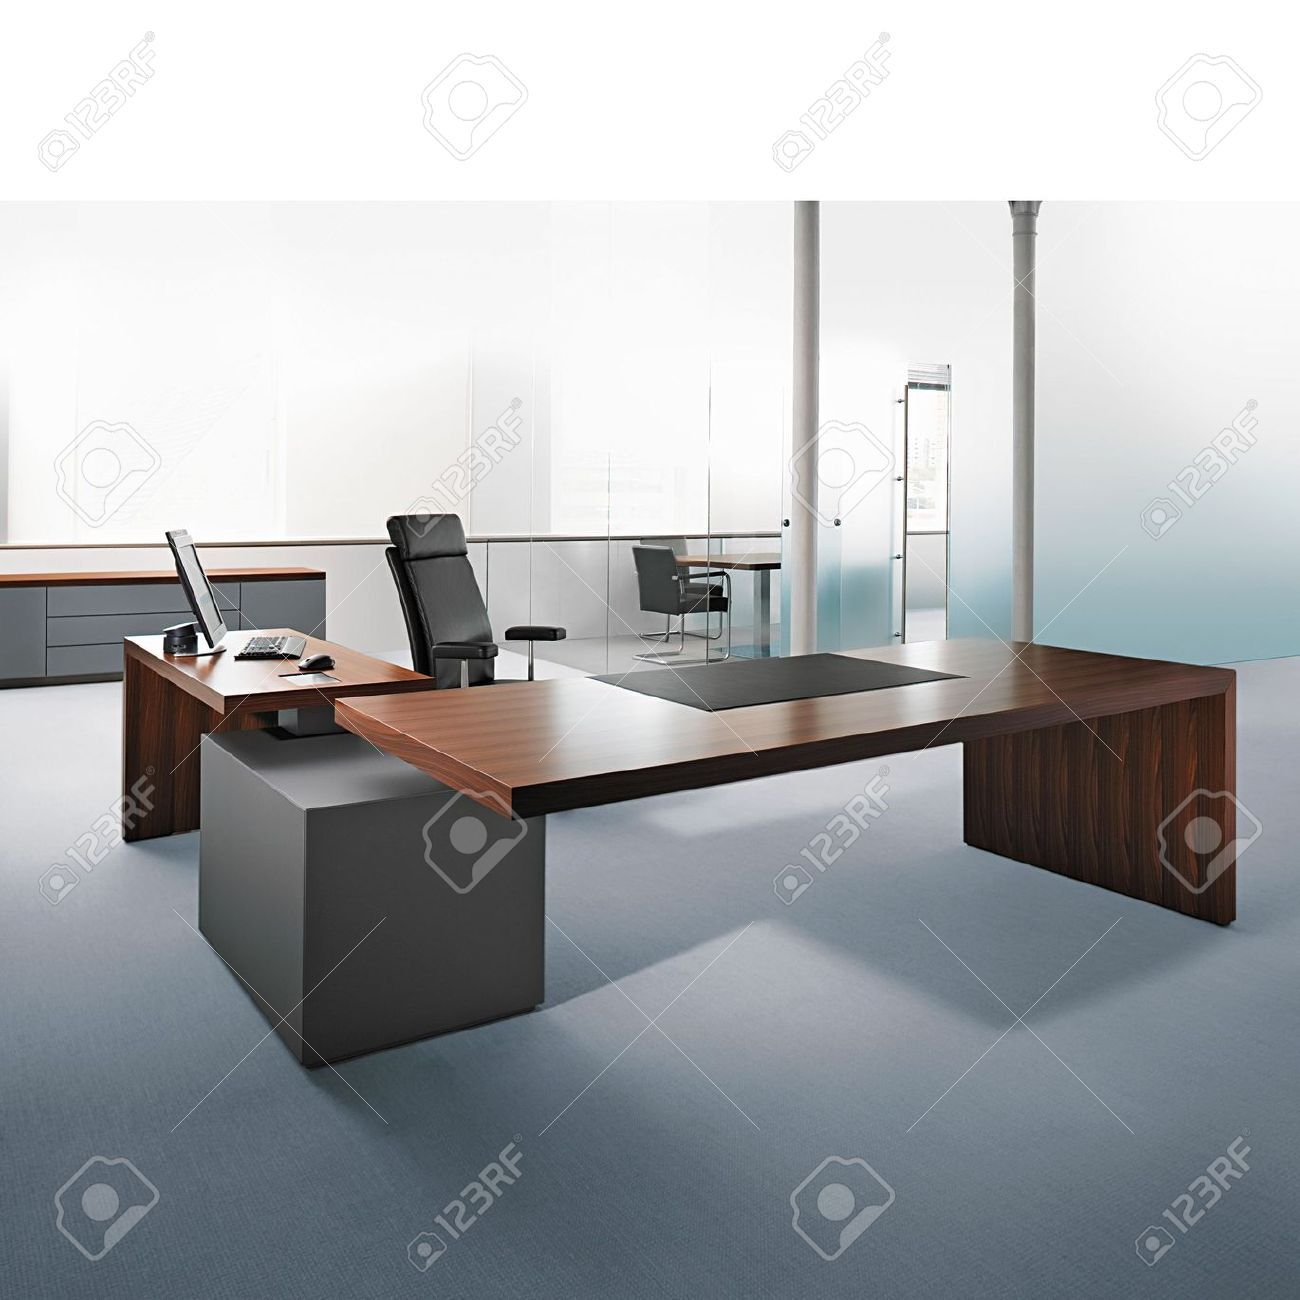 bureau moderne d 39 int rieur banque d 39 images et photos libres de droits image 5099739 work